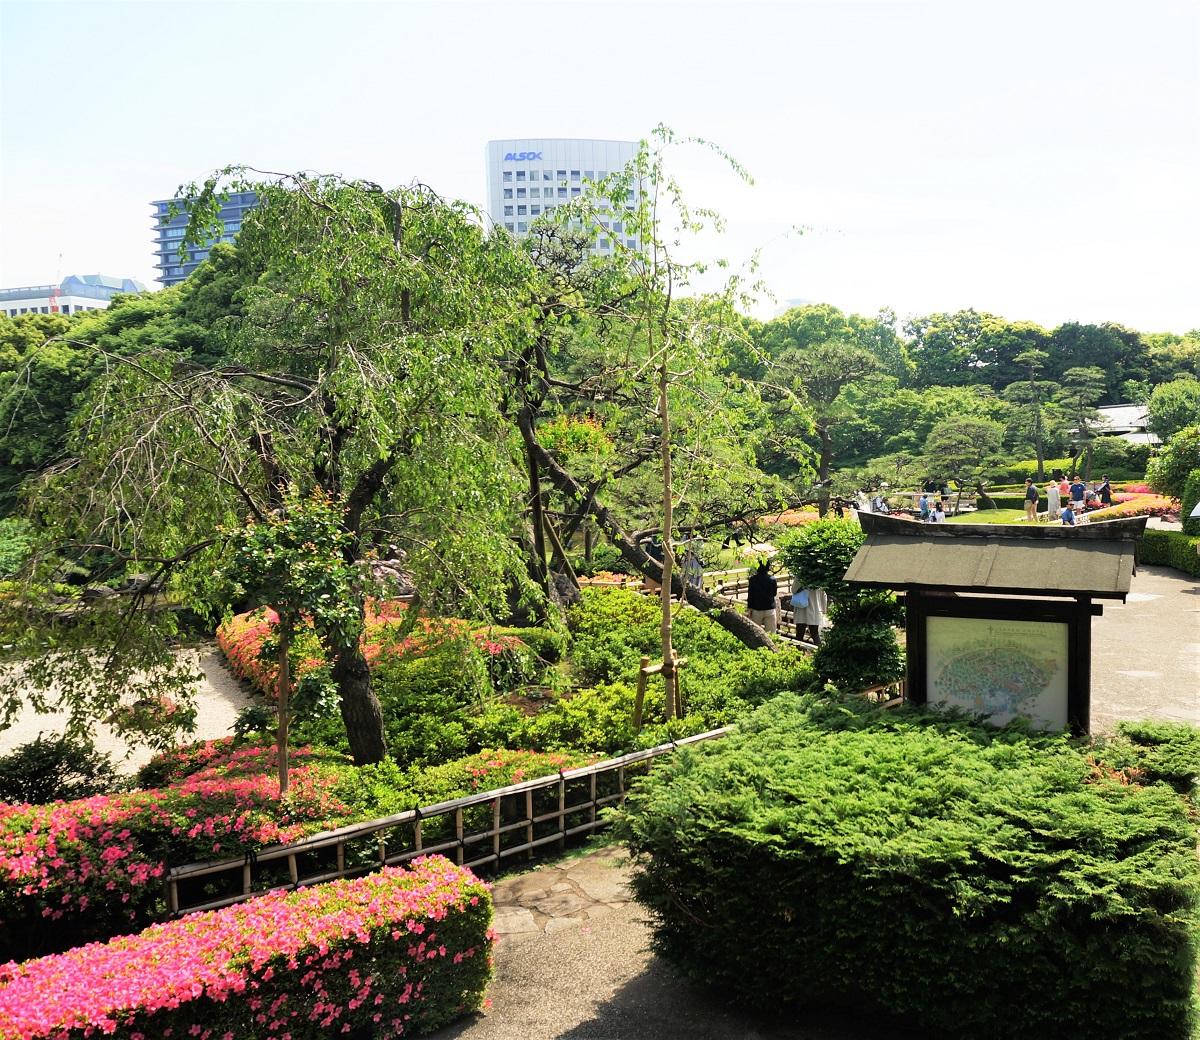 歴史情緒あふれる紀尾井町のニューオータニの日本庭園をお散歩